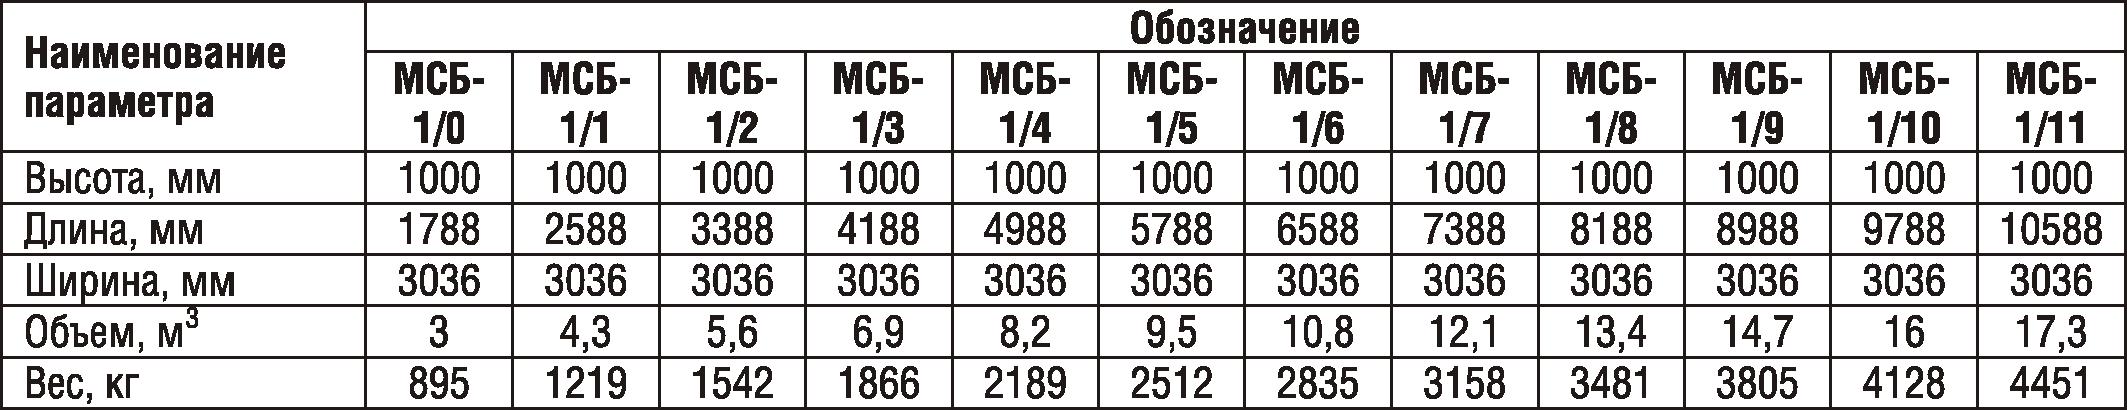 Бак фекальный секционный  МСБ-1/8 (секция приемная - 1шт., секция торцевая - 1 шт., секция рядовая - 8шт.) Серия